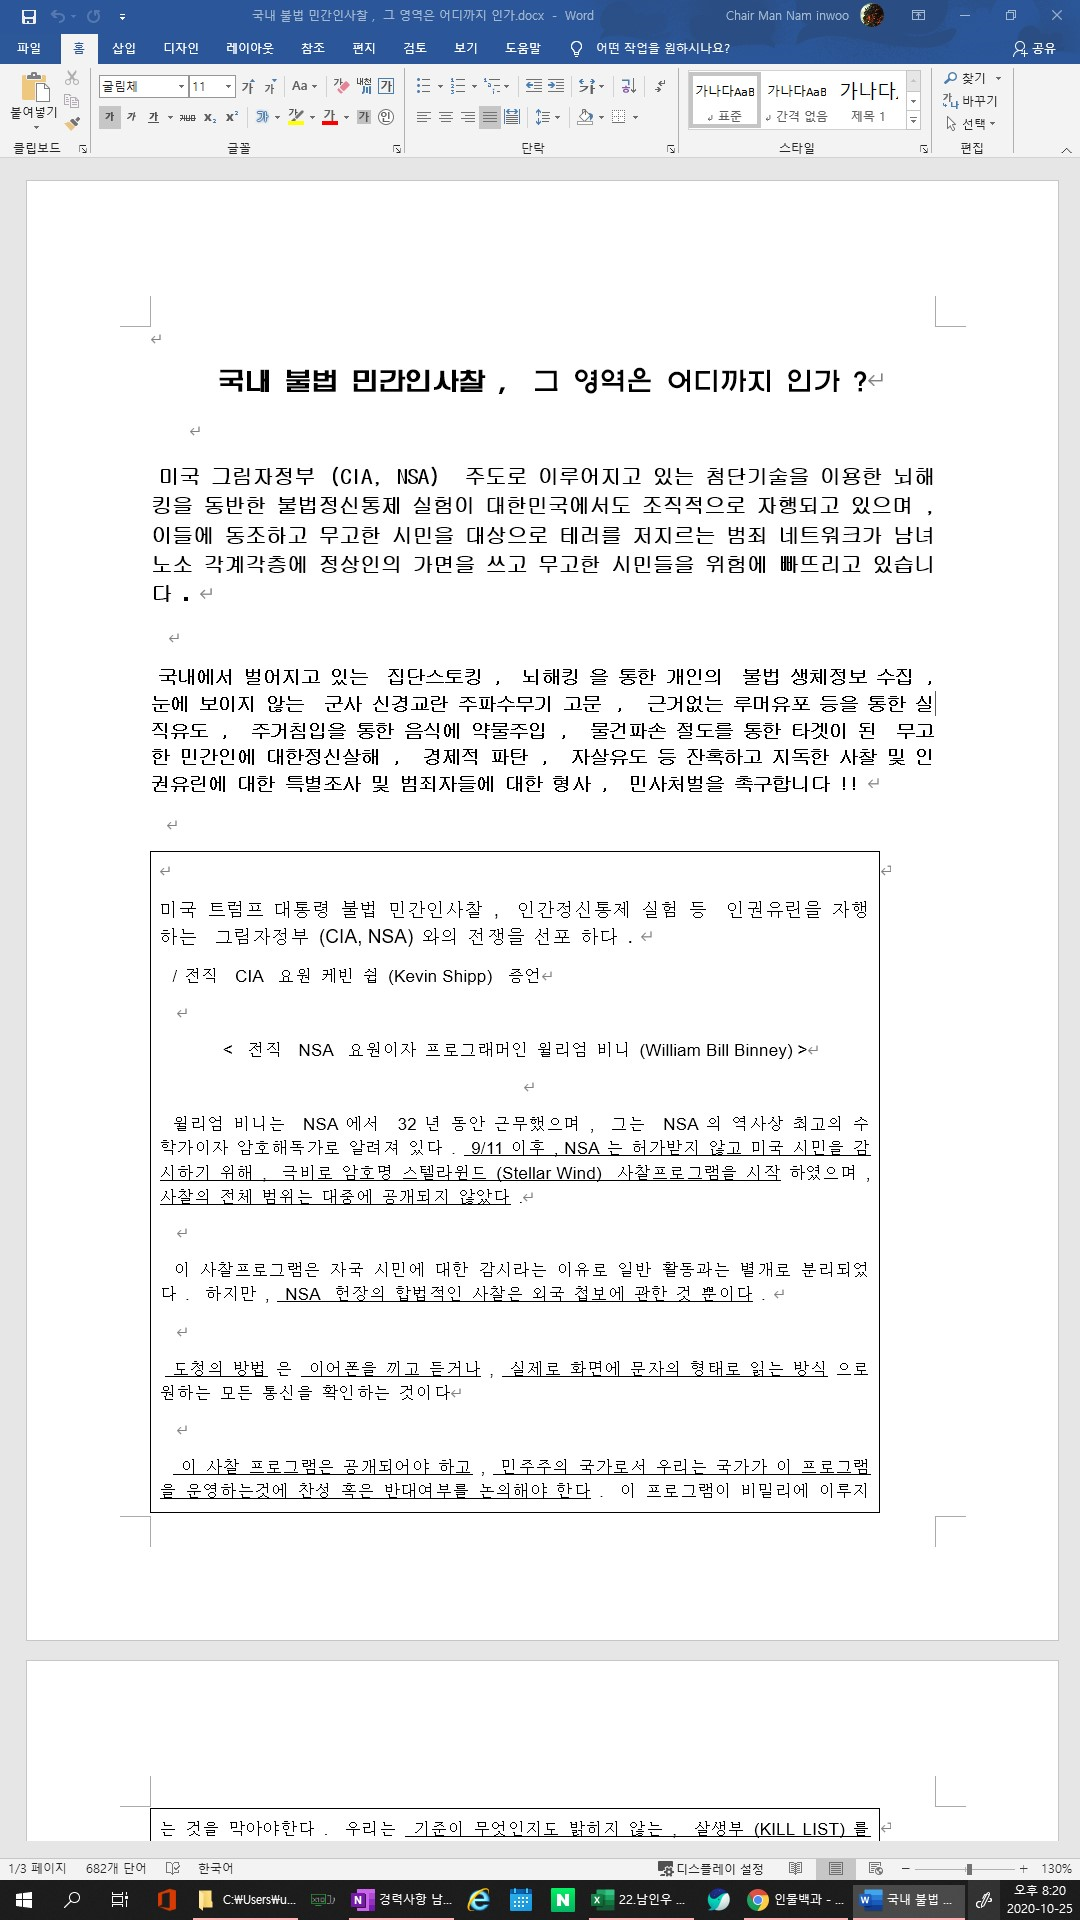 민간인 불법사찰-촛불집회 이메일 전송자료-8.png